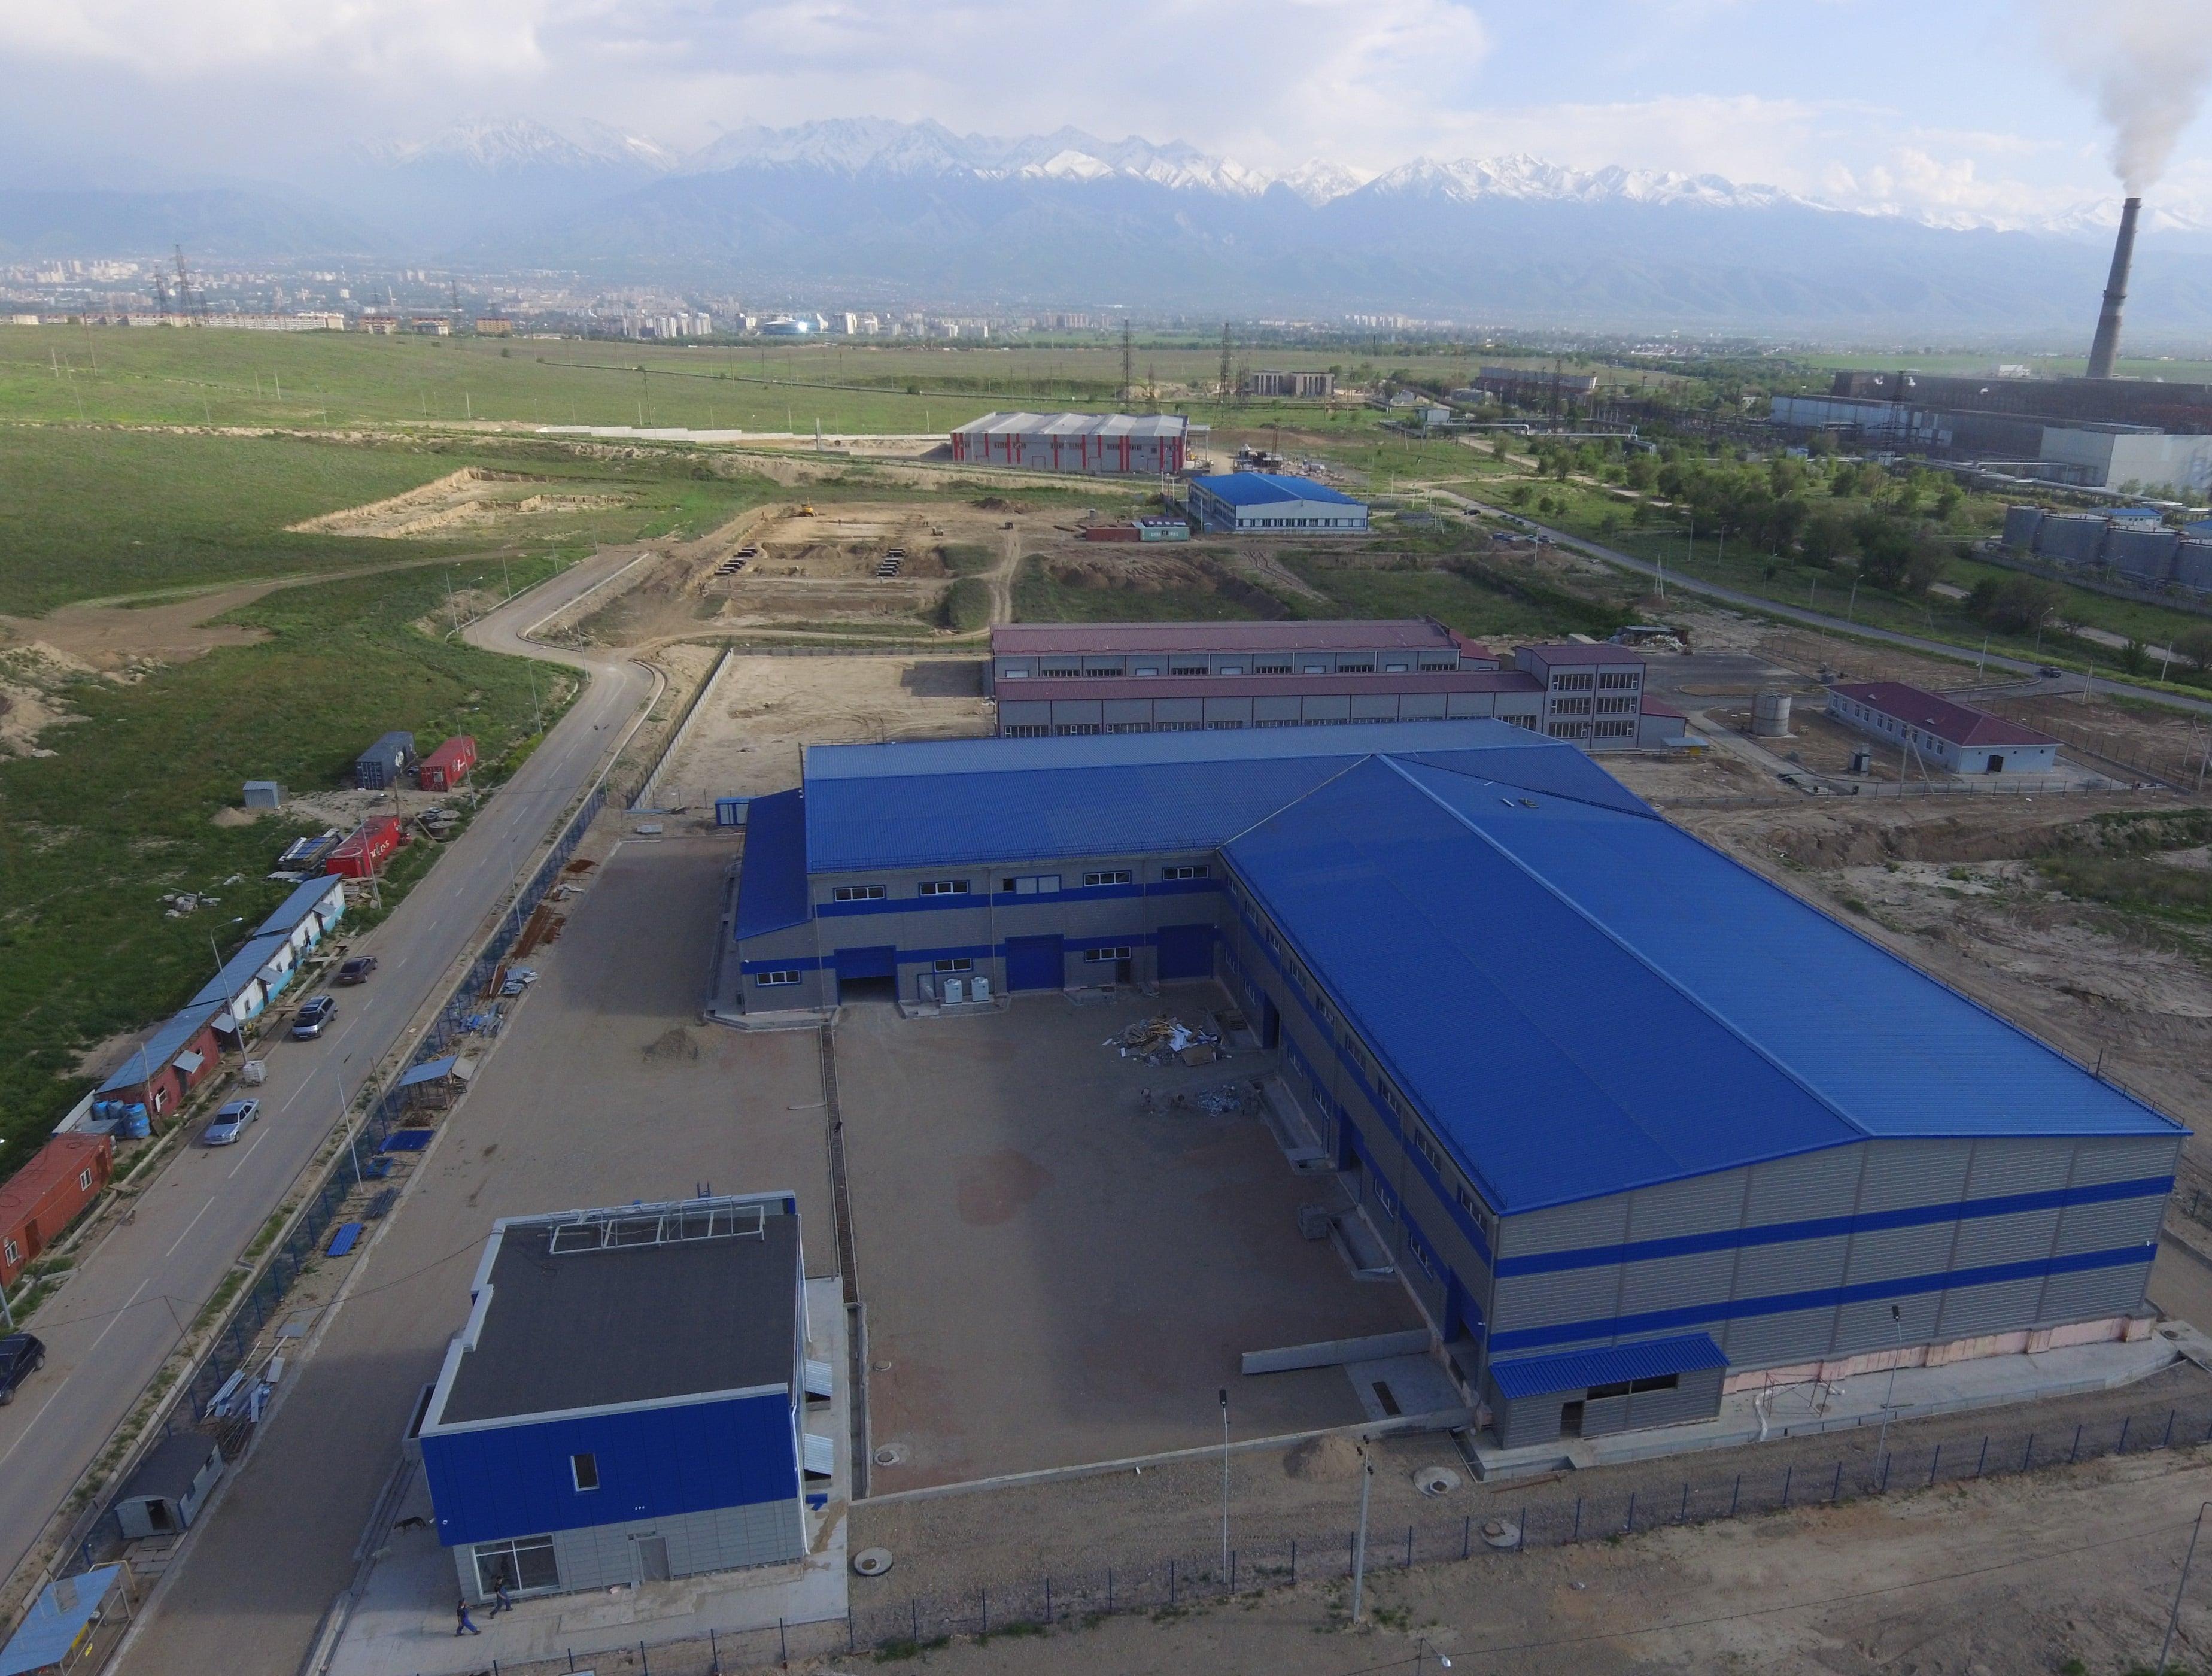 Проведено совещание с ТОО «Индустриальная зона Алматы»  по разъяснению процедур по получению паспорта готовности  на ОЗП 2019-2020 г.г.